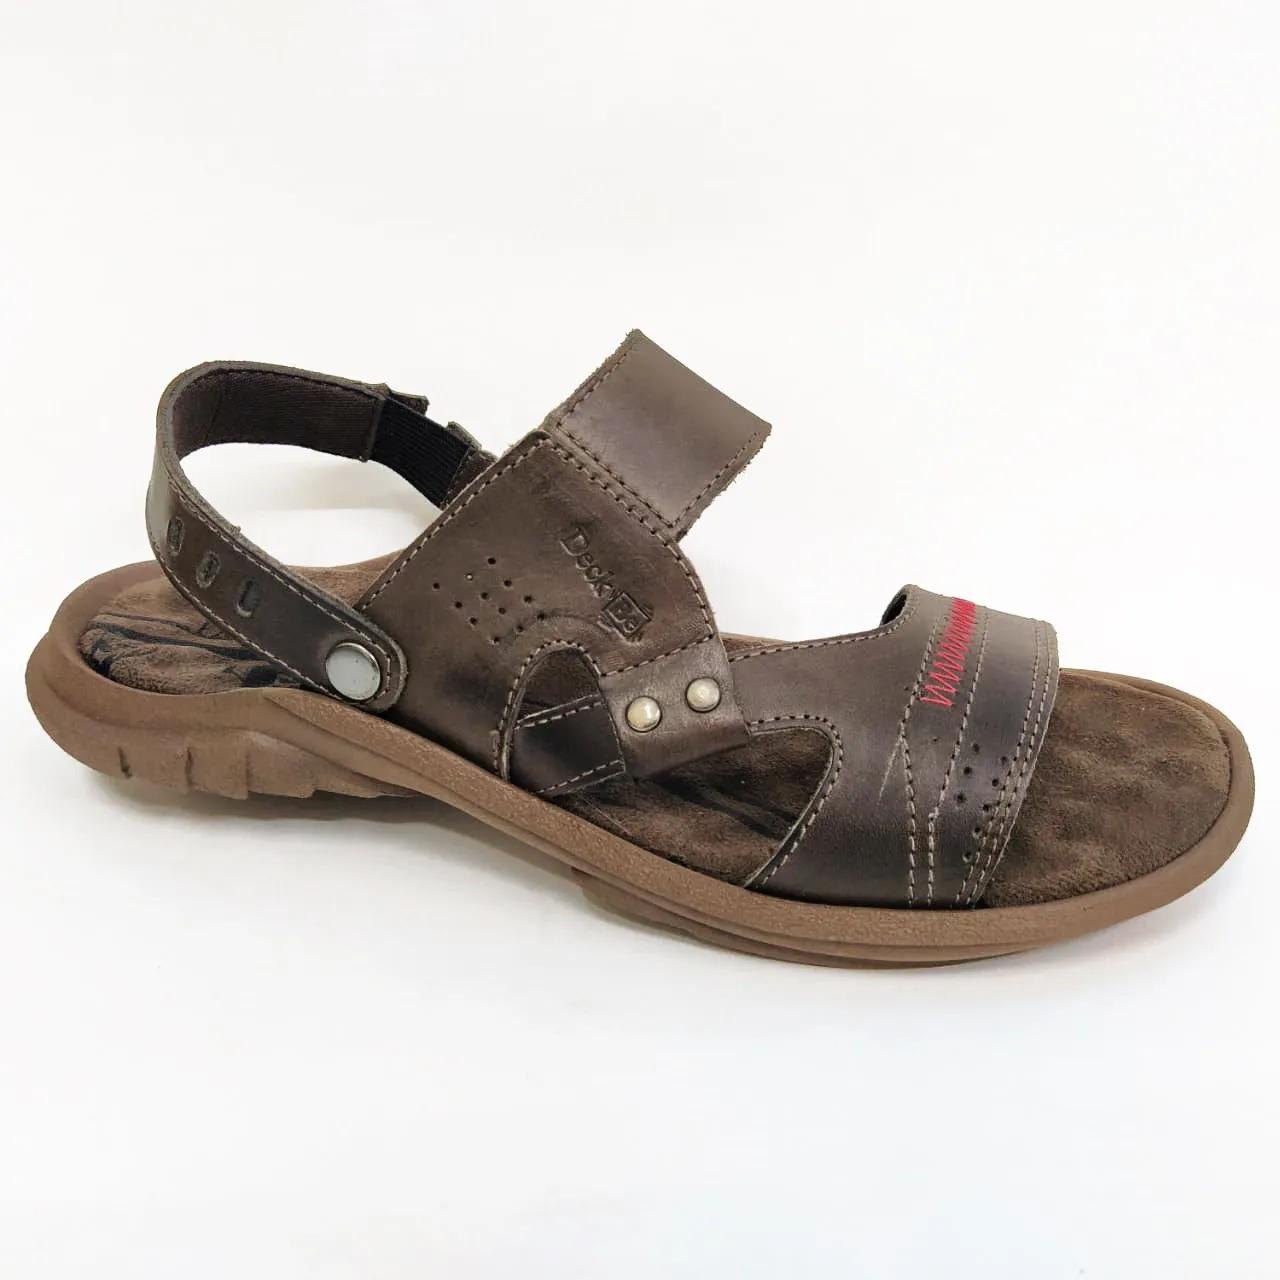 Sandália masculina Deck Be Shoes 2000 - Chocolate